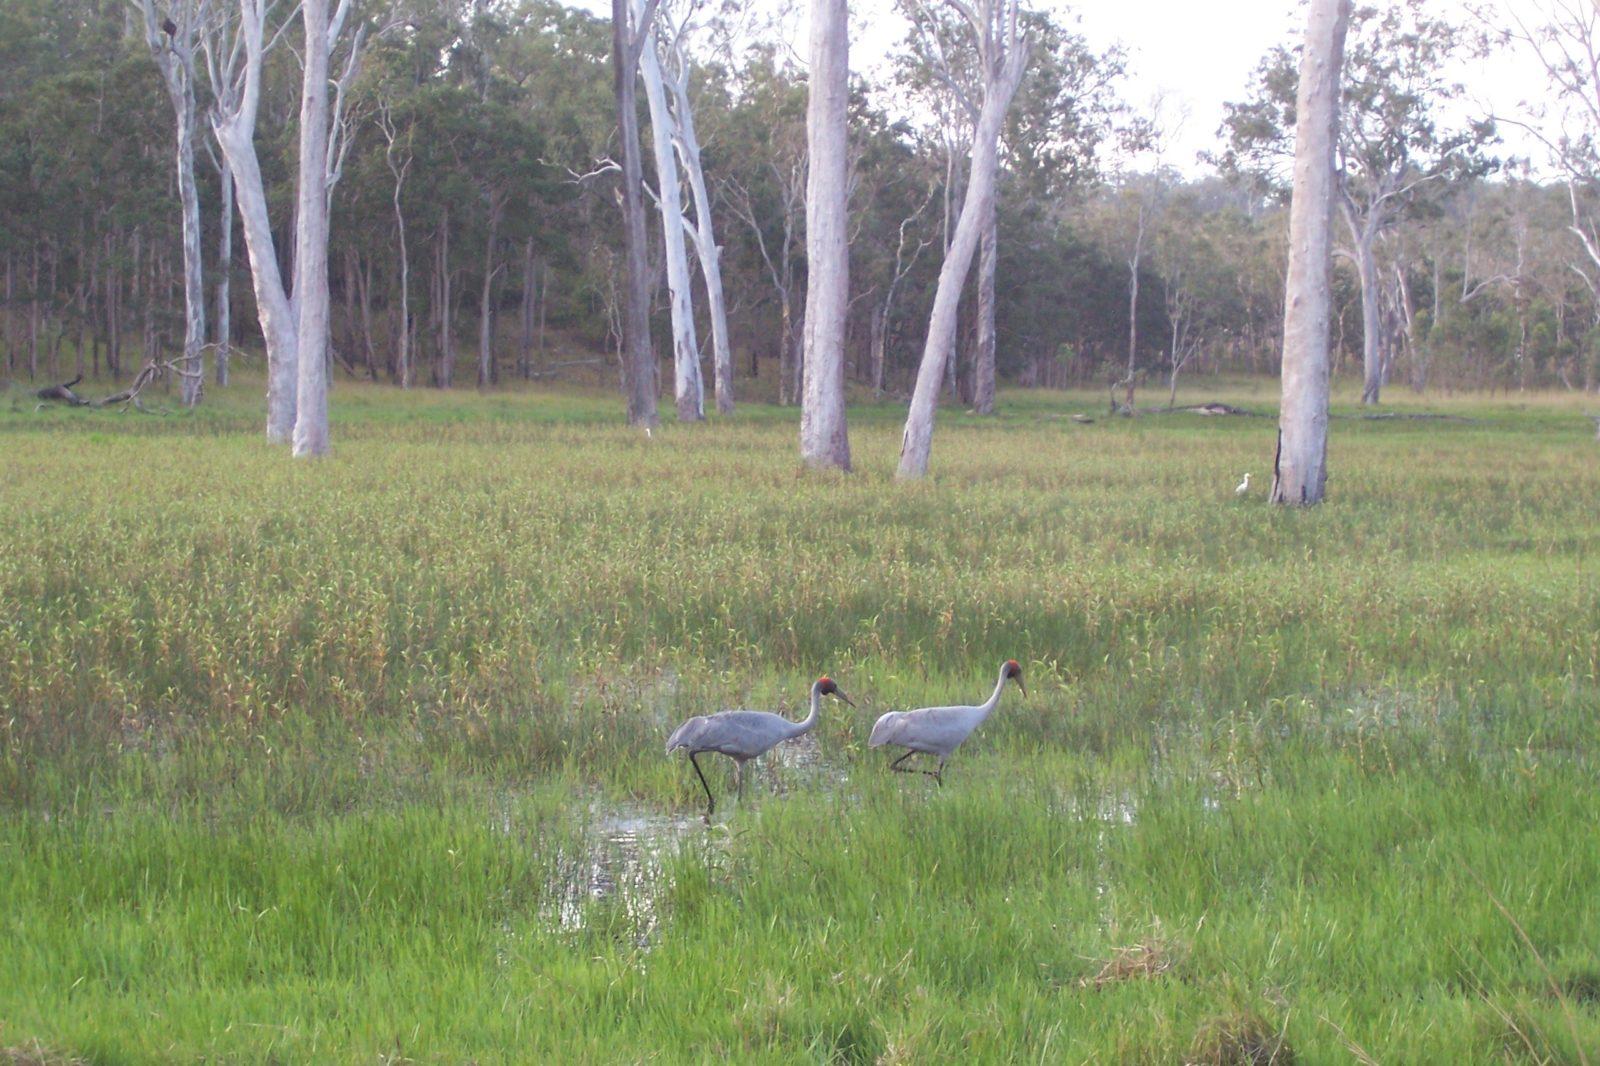 Saurus cranes in wetland, Wairuna